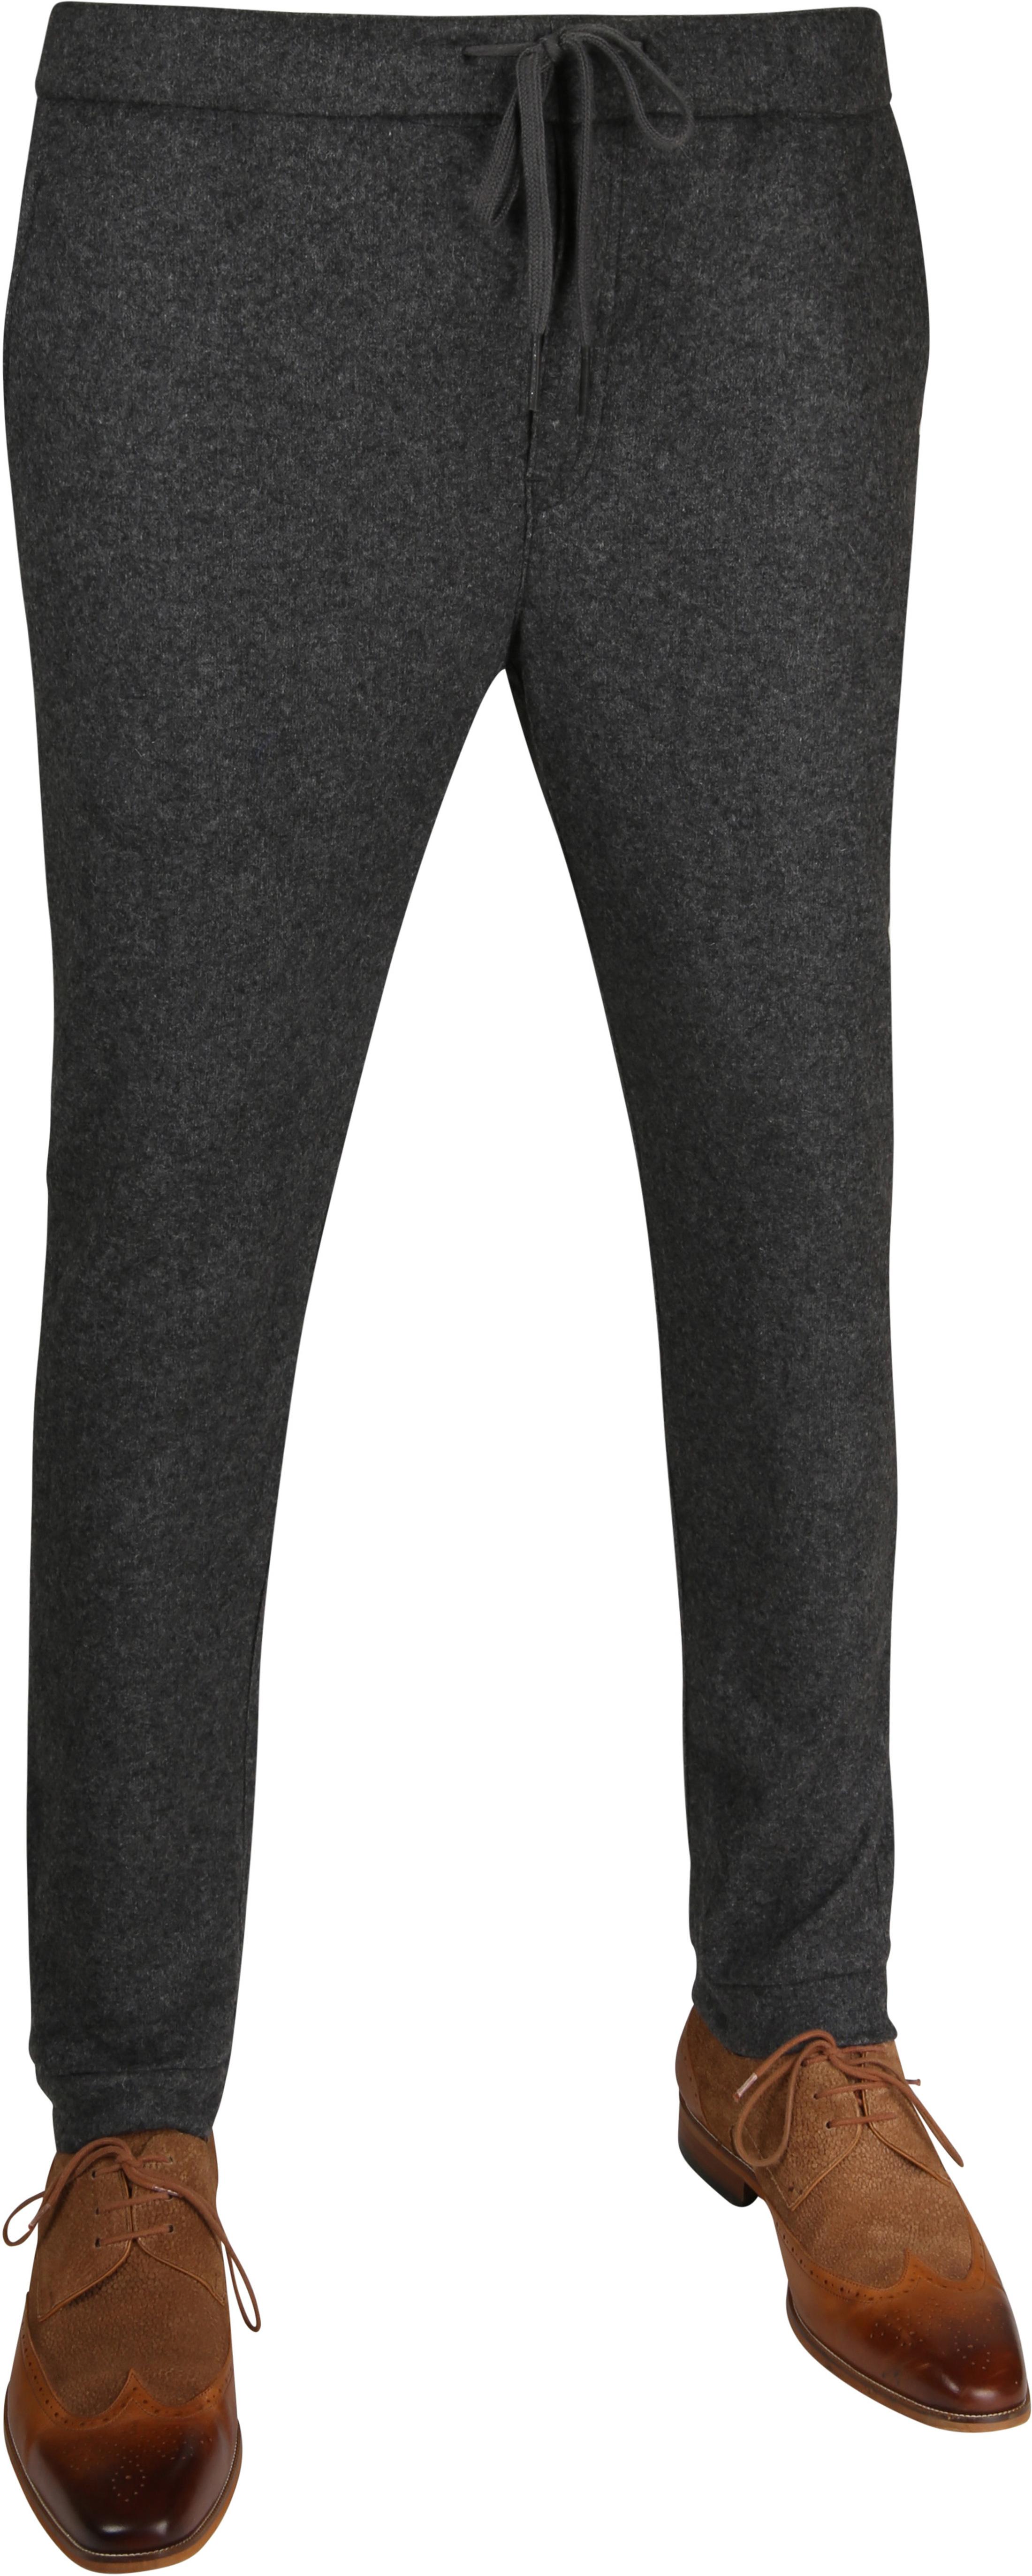 Suitable Easky Pantalon Jersey Antraciet foto 0